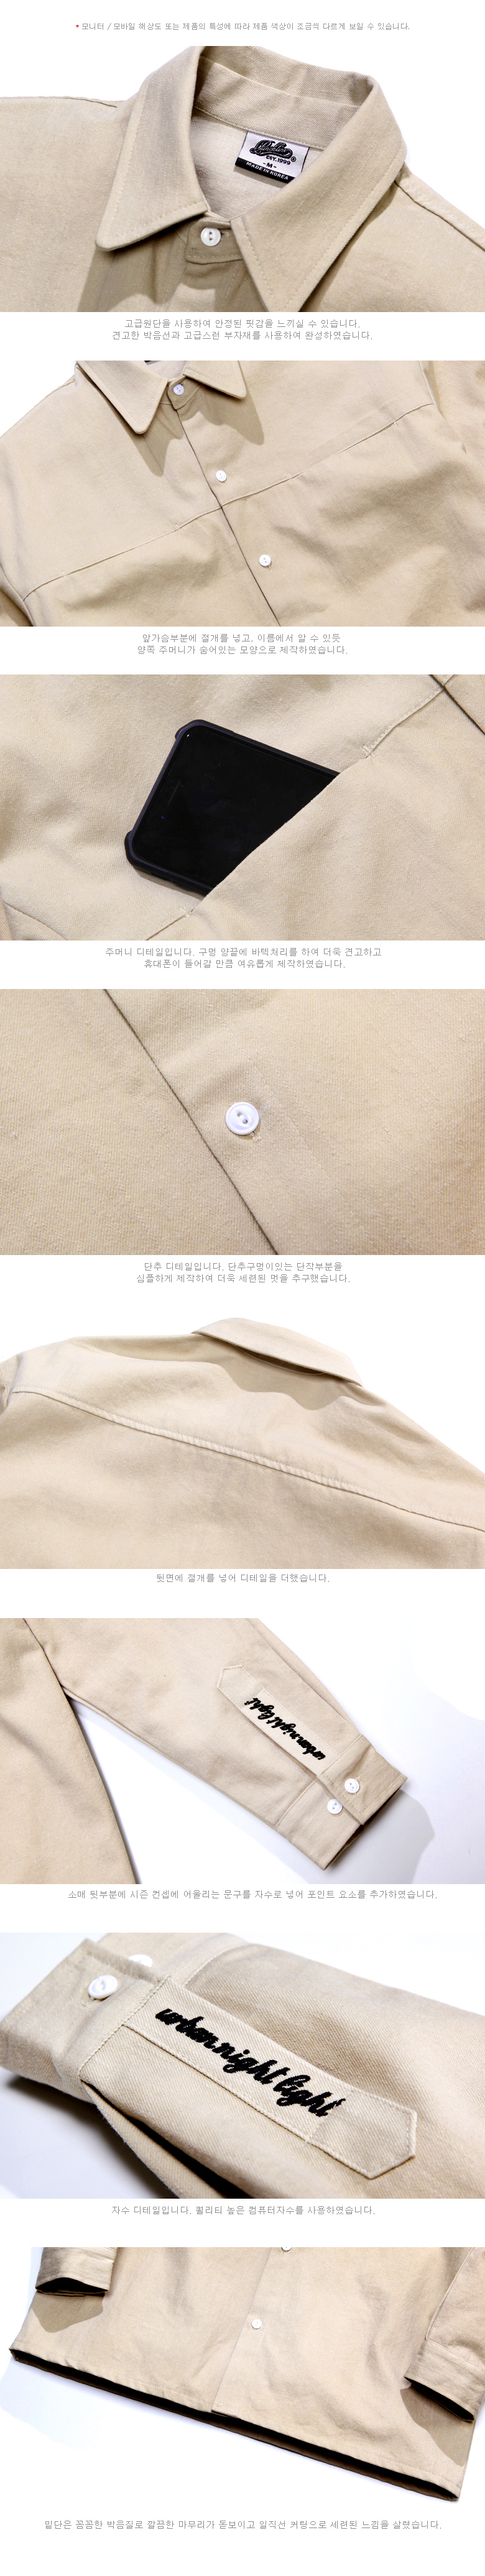 펀치라인(PUNCHLINE) 히든포켓 셔츠 베이지 MHLS6056